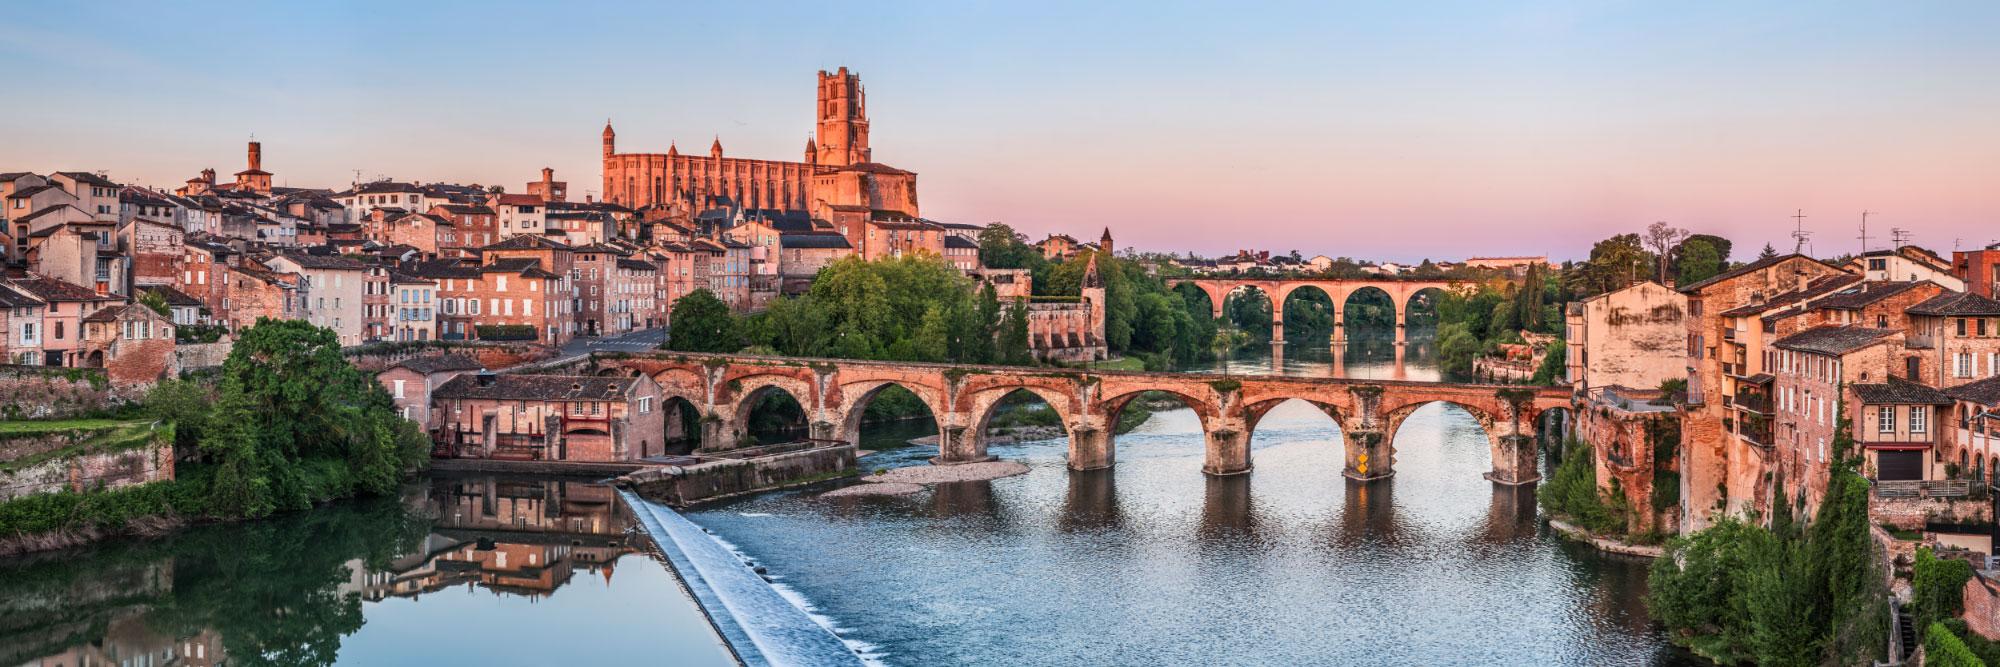 Cité épiscopale d'Albi, cathédrale Sainte-Cécile et Pont Vieux sur le Tarn